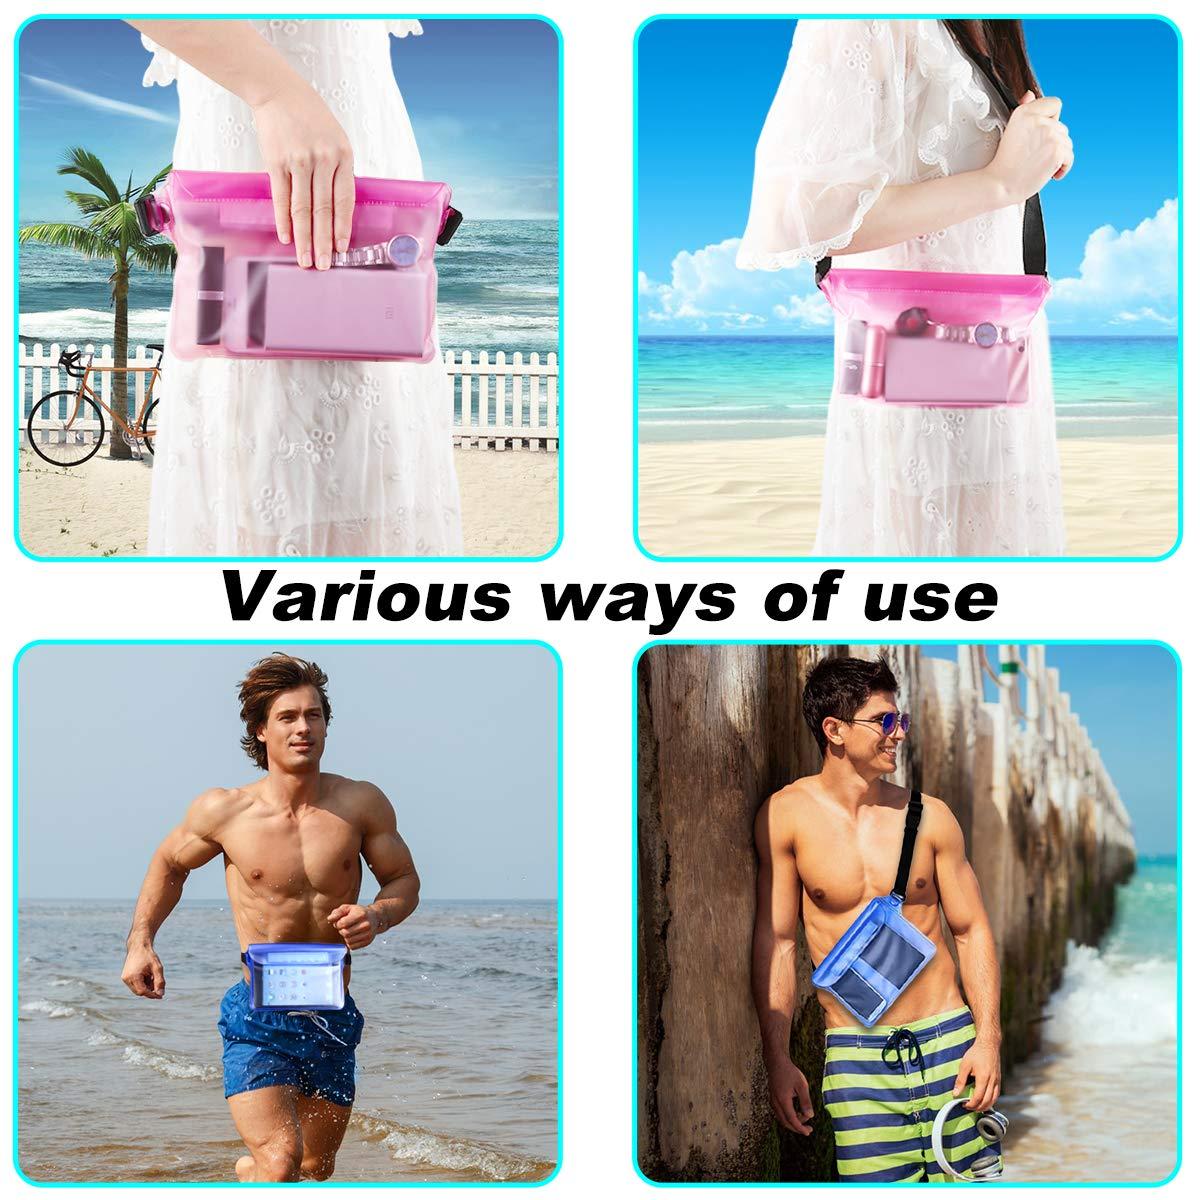 HAISSJKY Bolsa Impermeable con Correa de Cintura Pantalla Sensible Touchable Bolso Seco para Objetos de Valor Tel/éfono para Nataci/ón Snorkel Canotaje Pesca Kayak Pack de 2